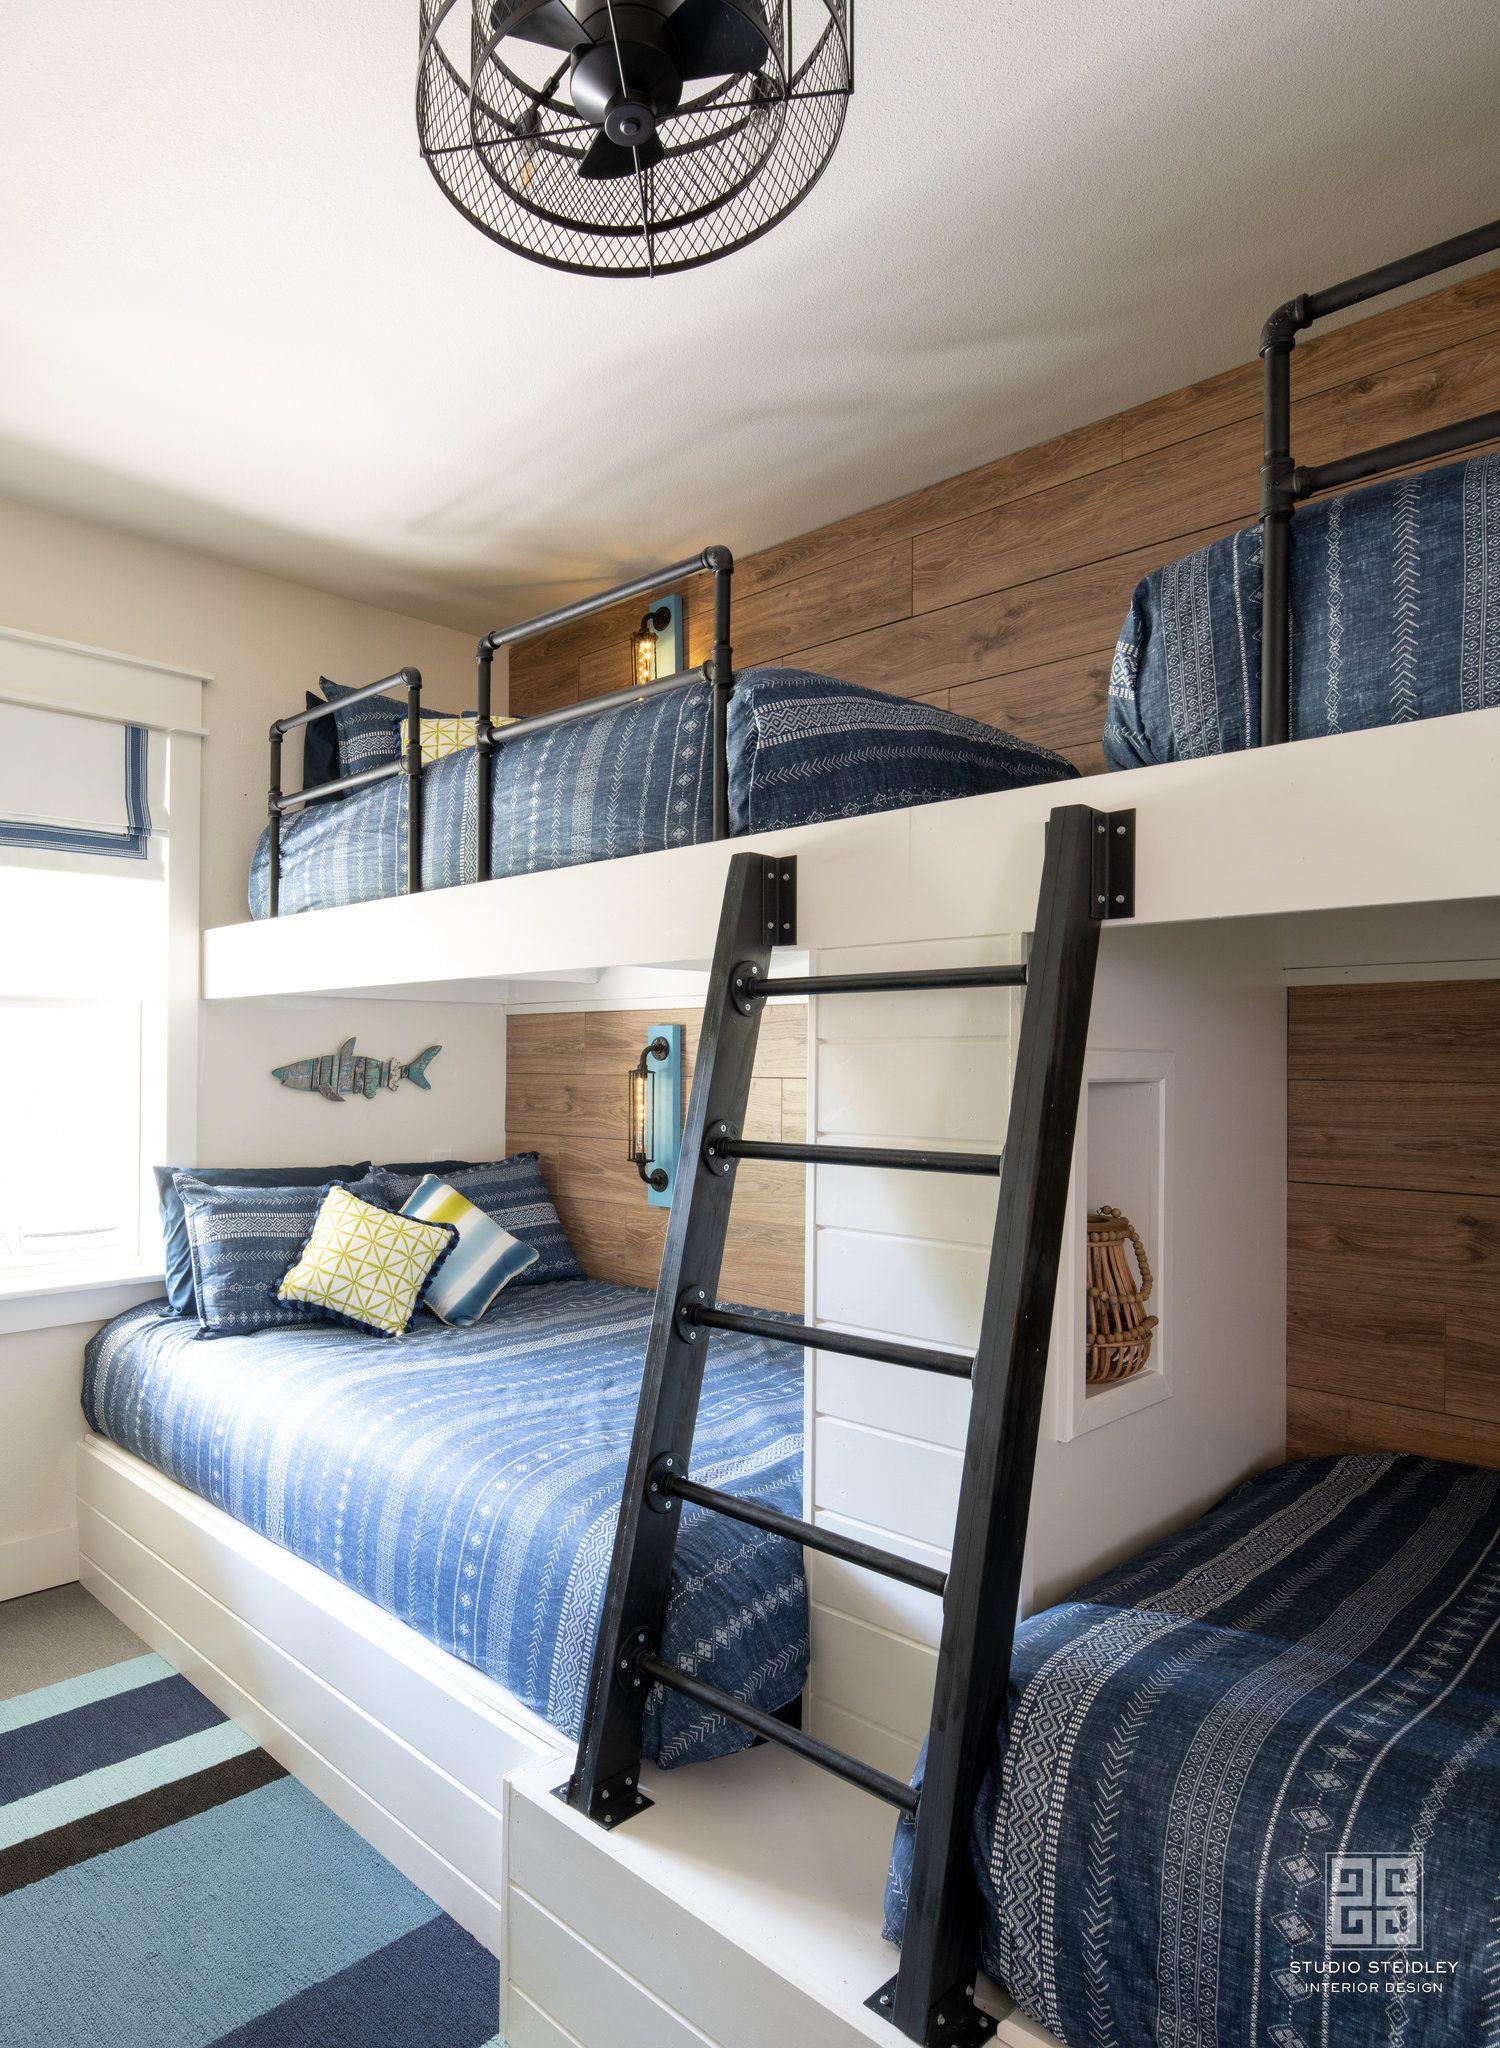 Nautical Bunkroom Design By Studio Steidley Bunk Beds Wooden Bunk Beds Bunkbed Room Ideas